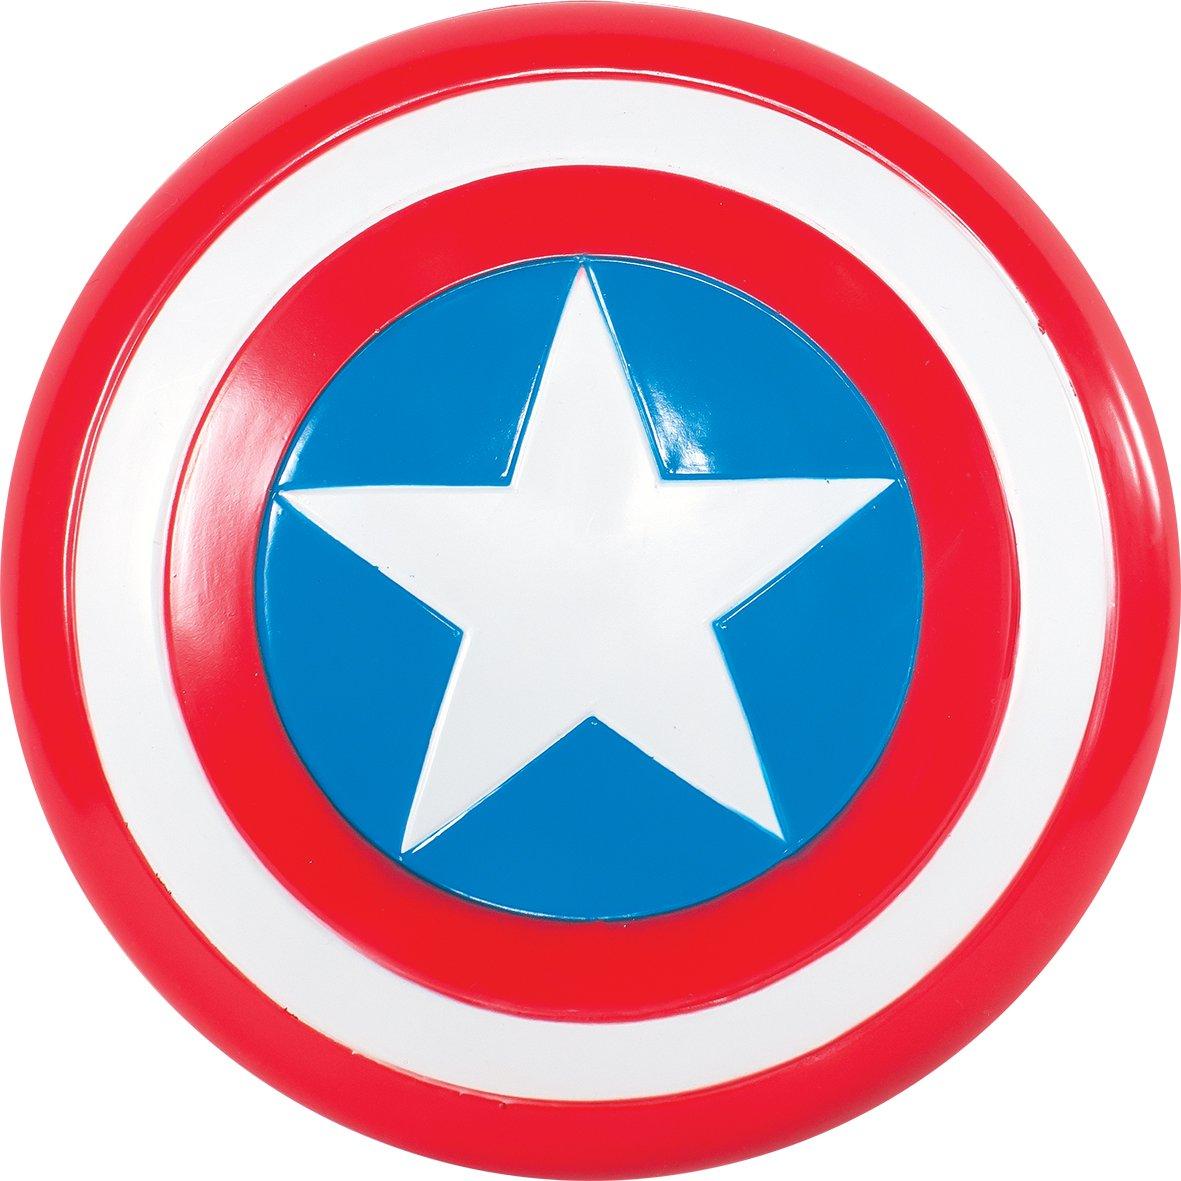 Rubie's-déguisement officiel - Marvel- Bouclier en mousse Captain América- Taille Unique- I-35640 RUBIES 35640_NS